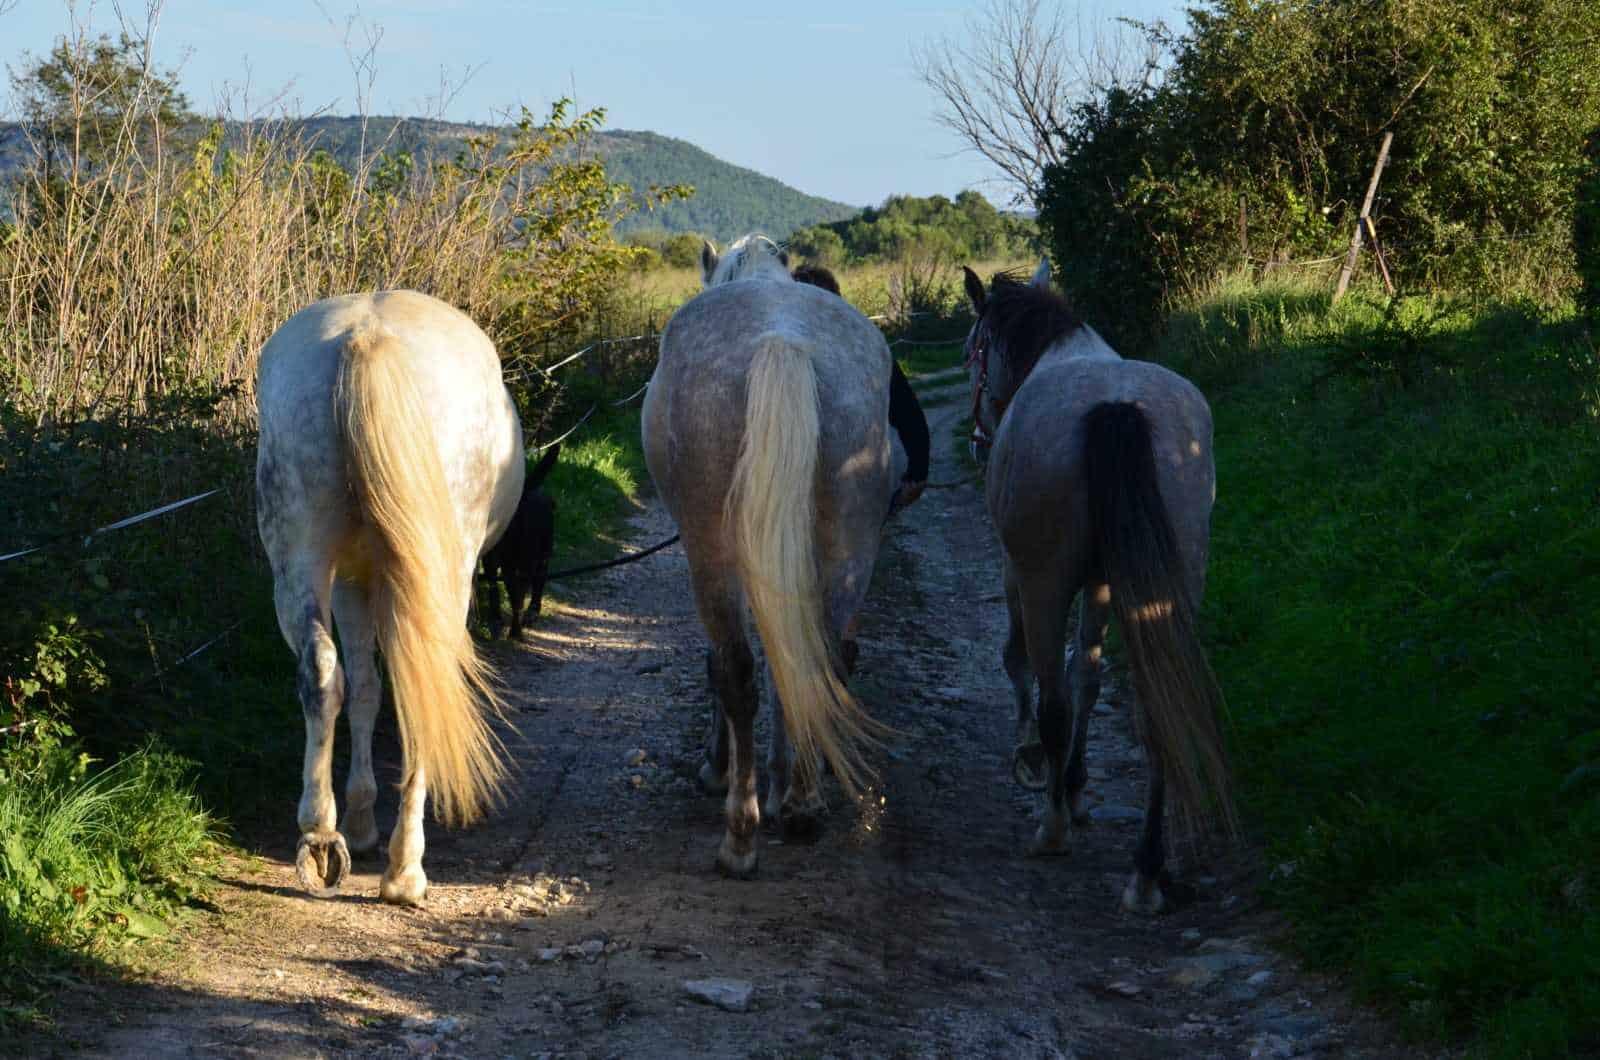 chevaux dem 1, Domaine équestre de Maruejols